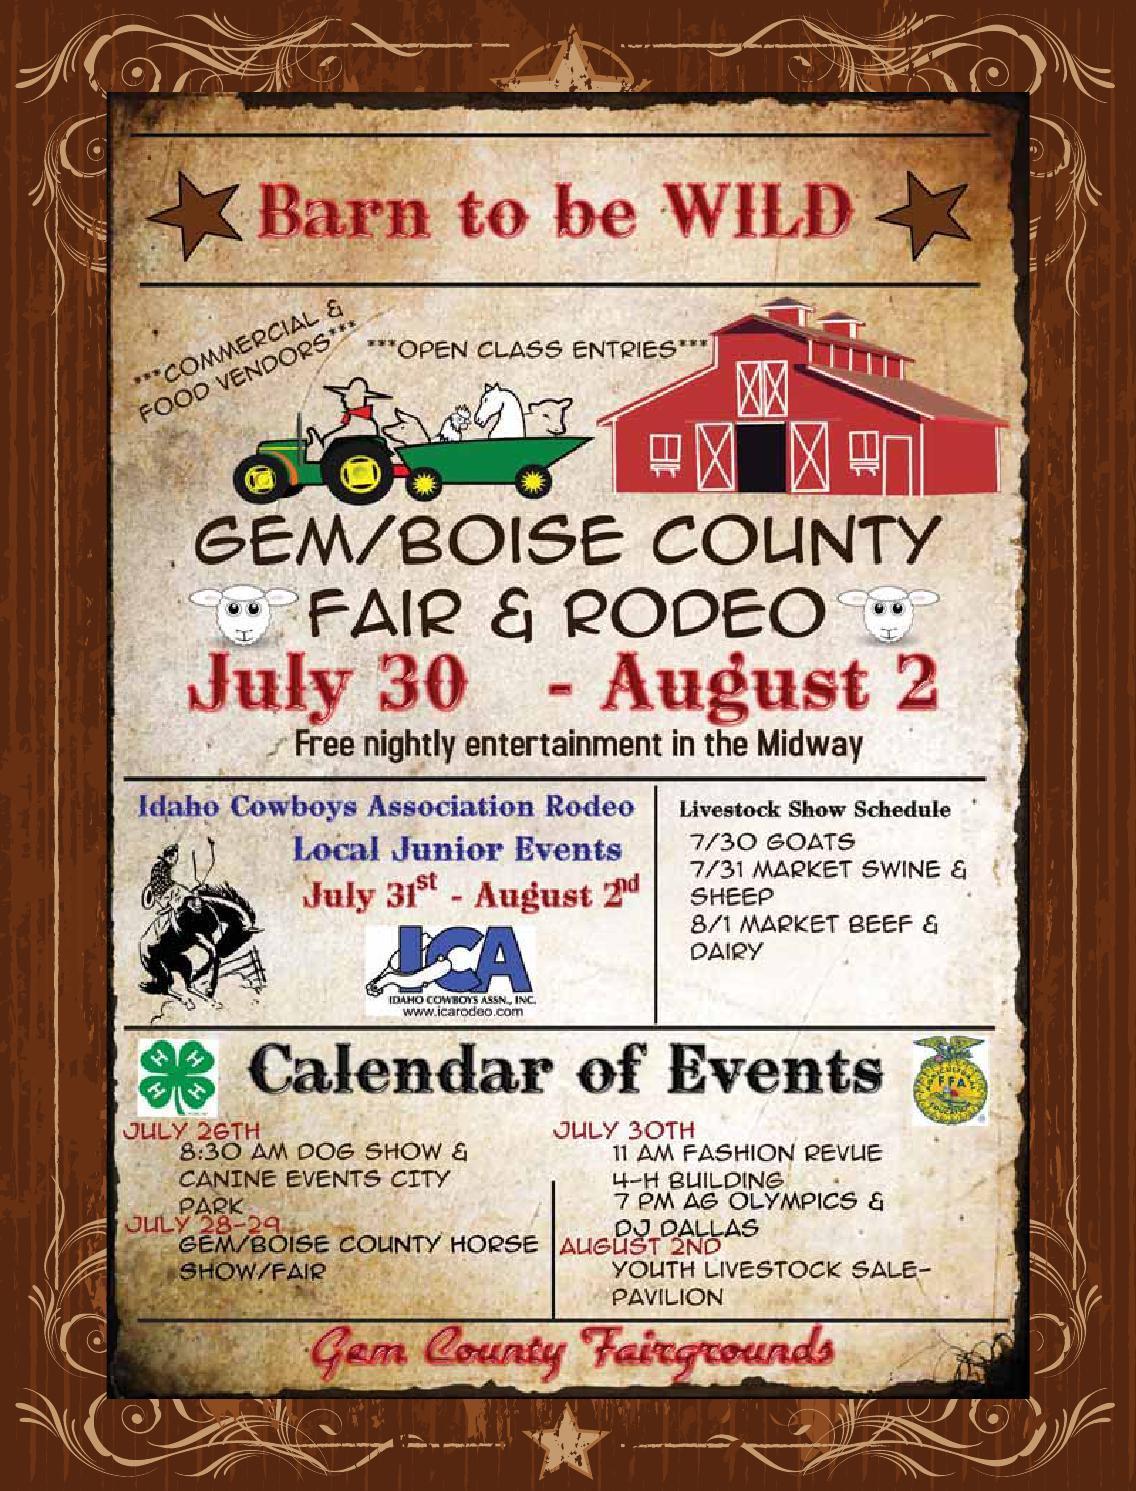 2014 Gem County Fair Book by APG-West (Idaho Press) - issuu